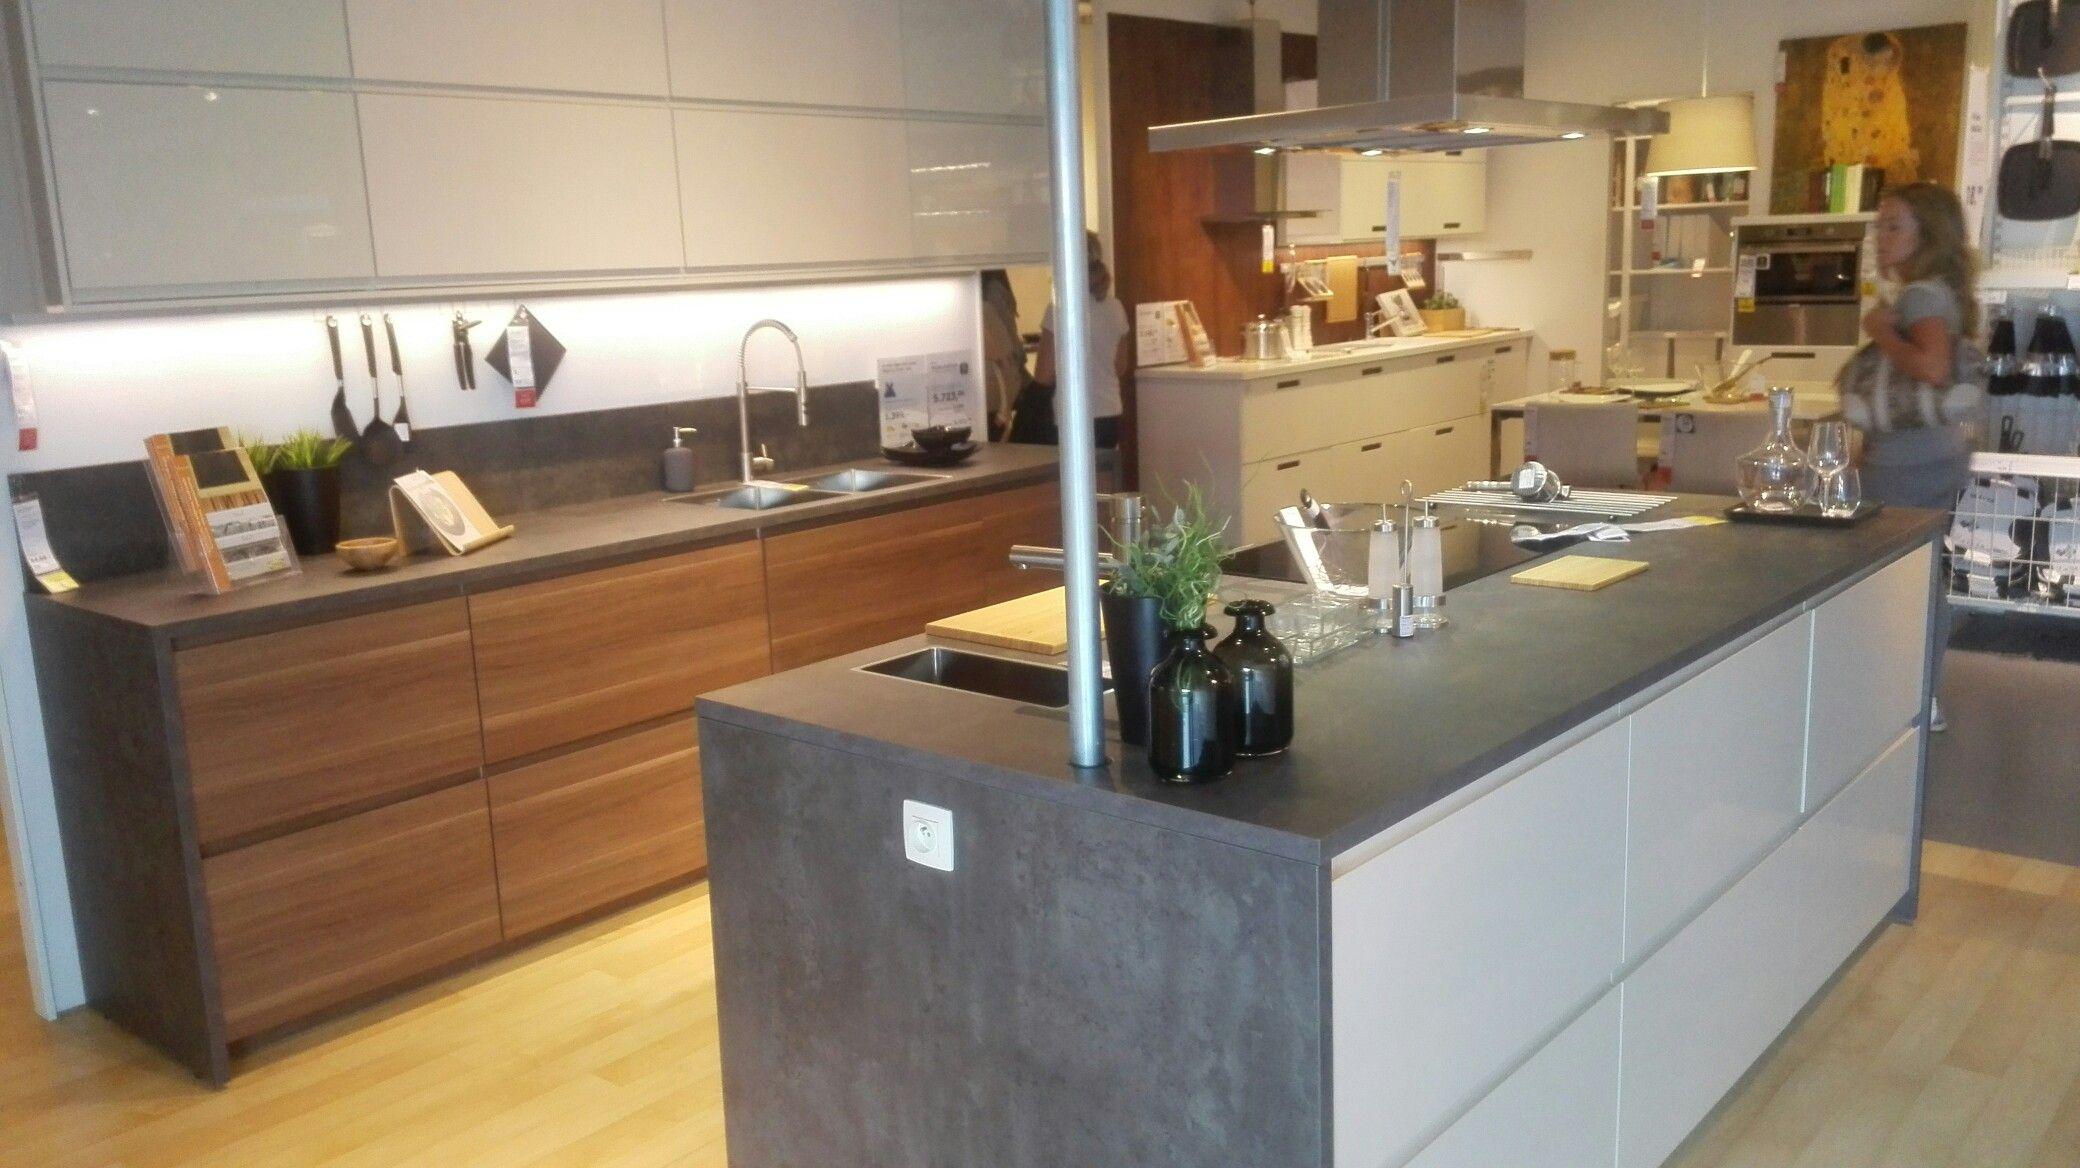 Keuken Ikea